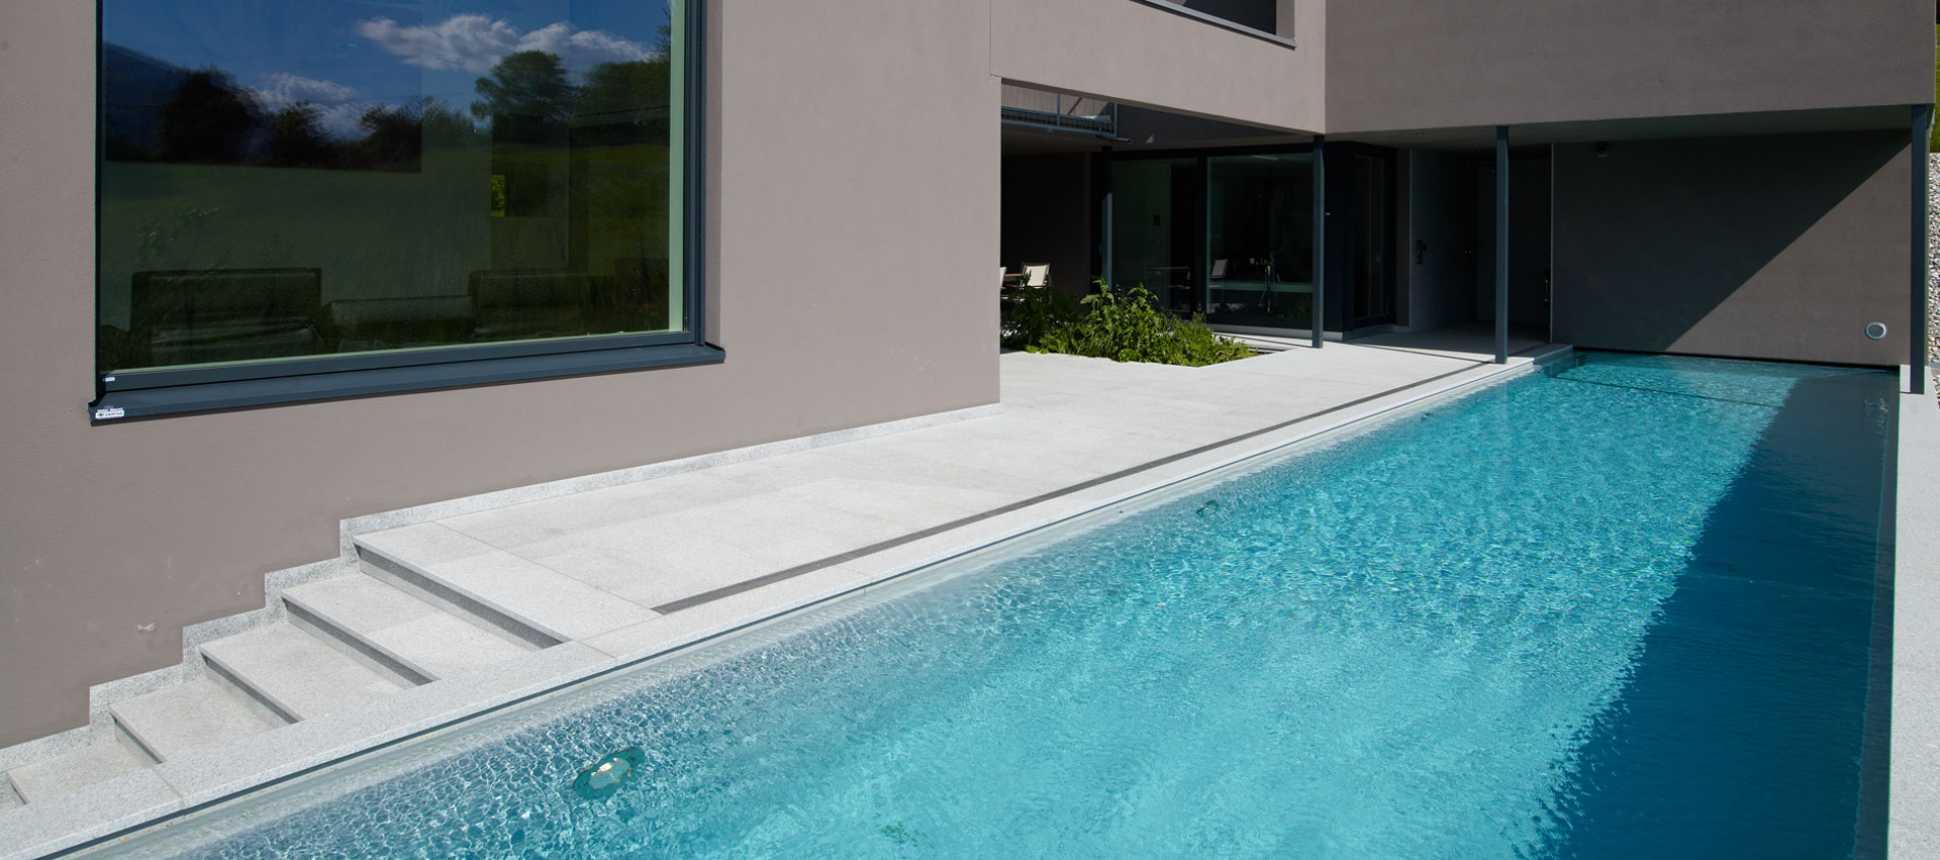 Pool Kaufen Beim Besten Schwimmbadbauer Ac Schwimmbadtechnik